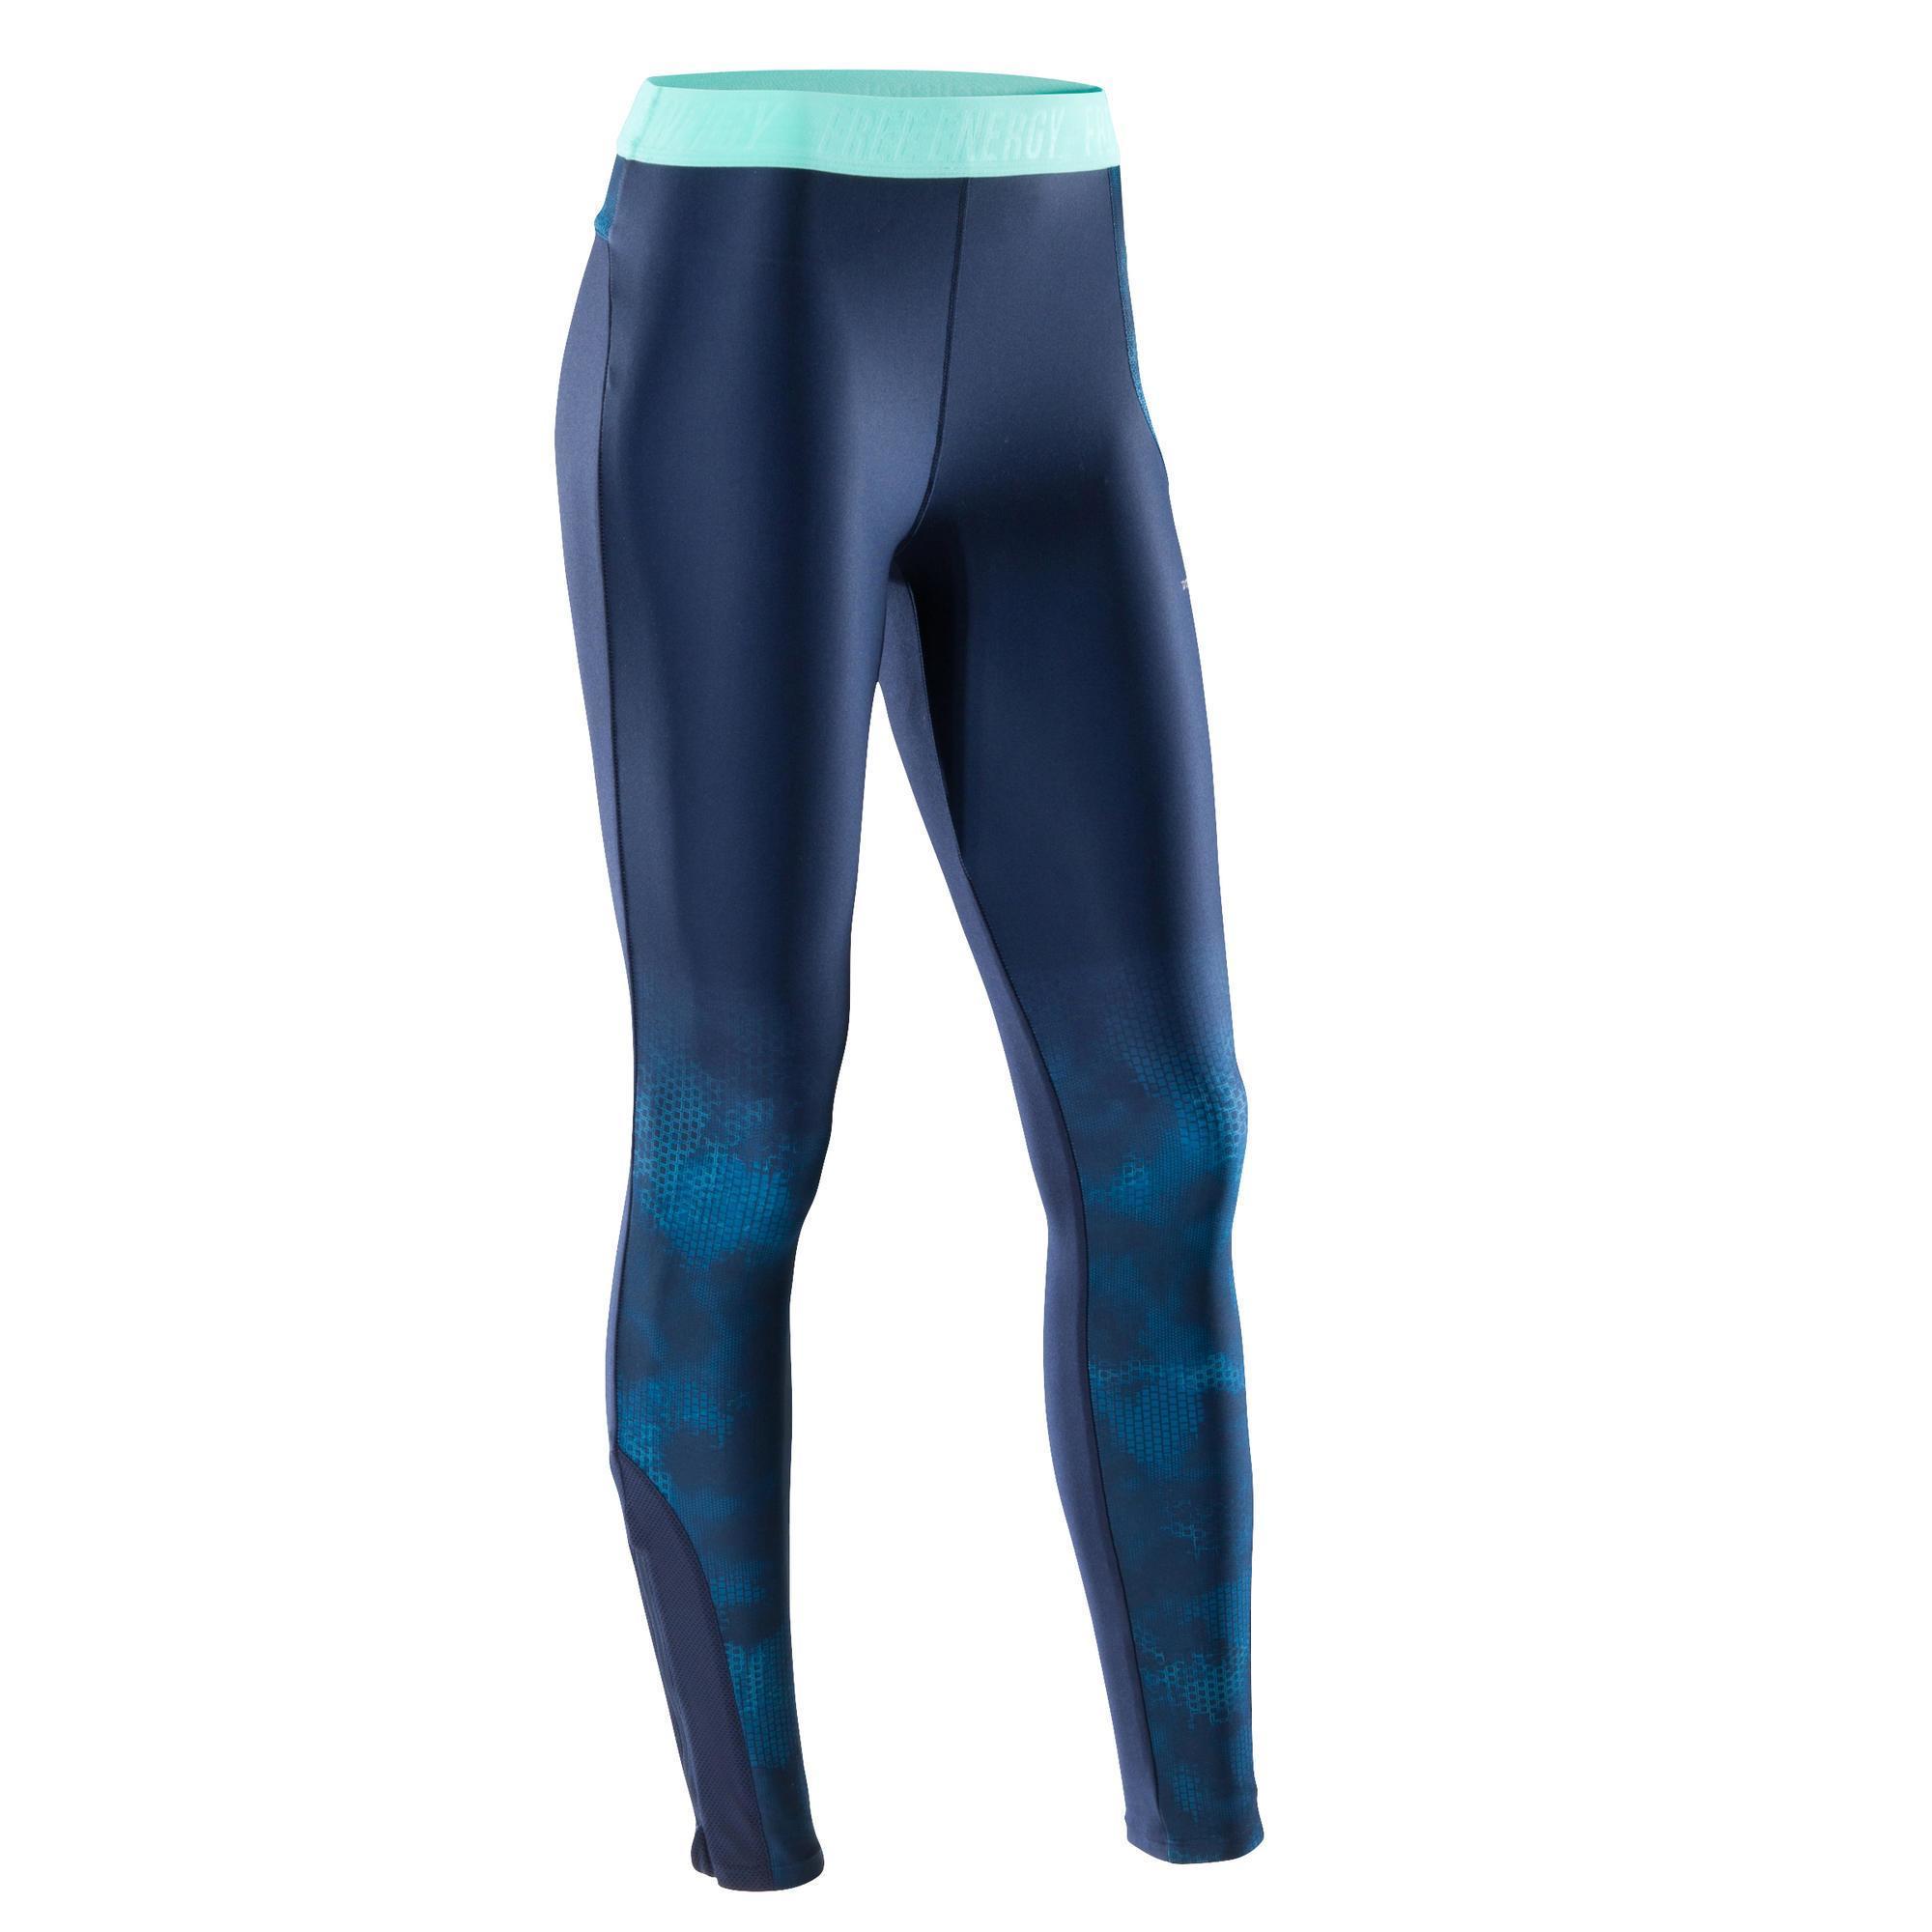 Domyos Fitness legging 500 voor dames kopen met voordeel - Sport ... 4f4e78fdbfa